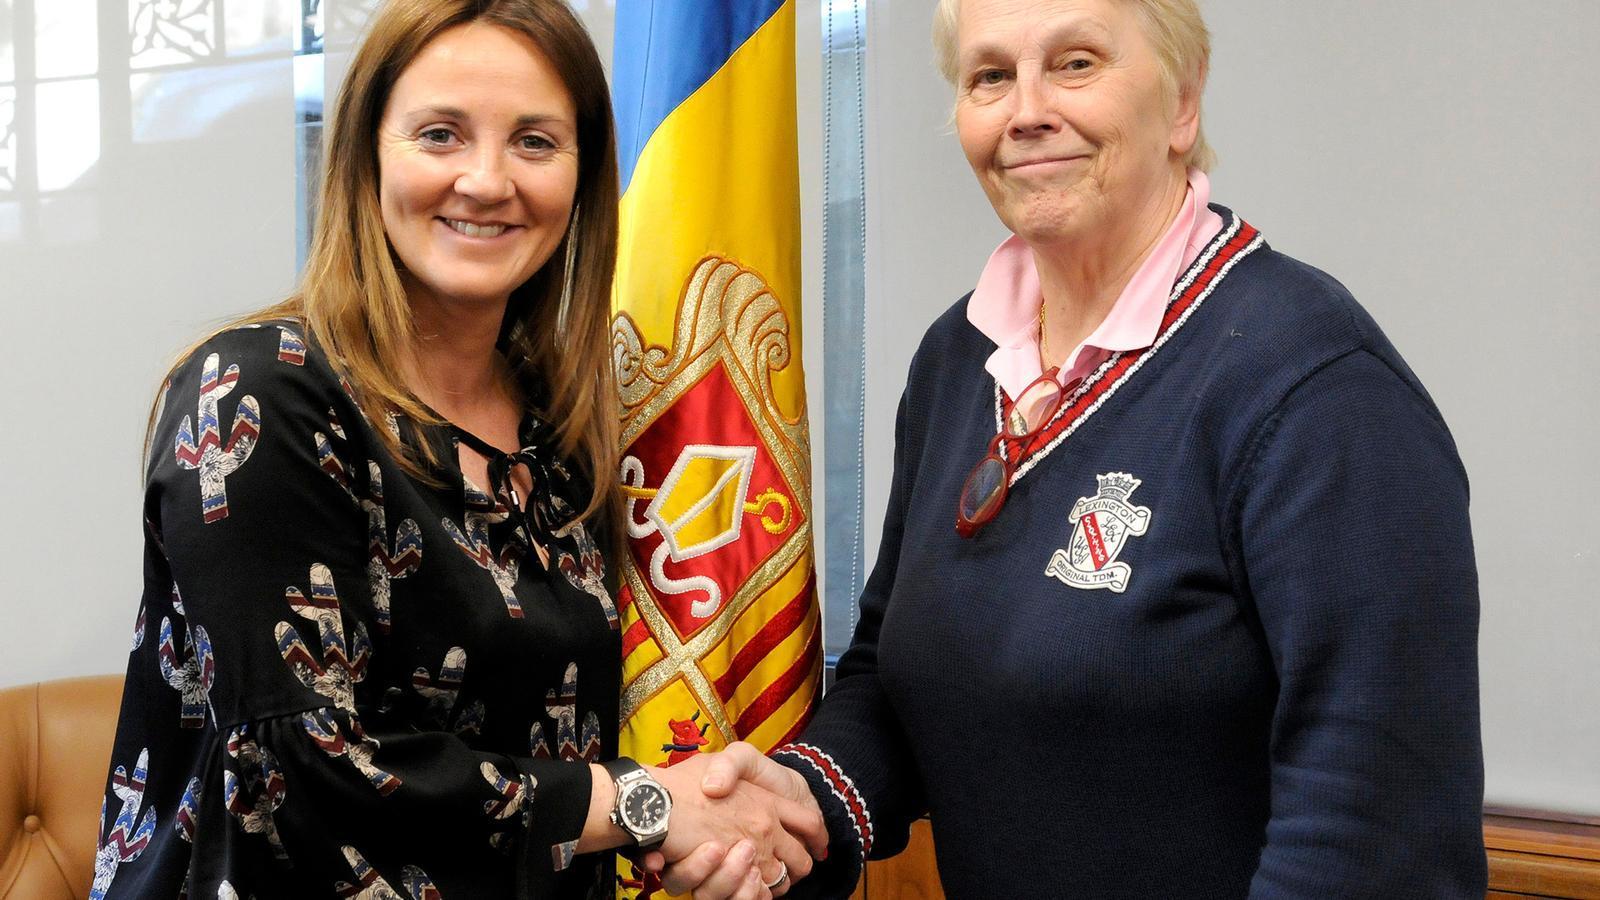 La ministra de Cultura, Joventut i Esports, Olga Gelabert, amb la directora artística del Cor, Catherine Metayer. / SFG